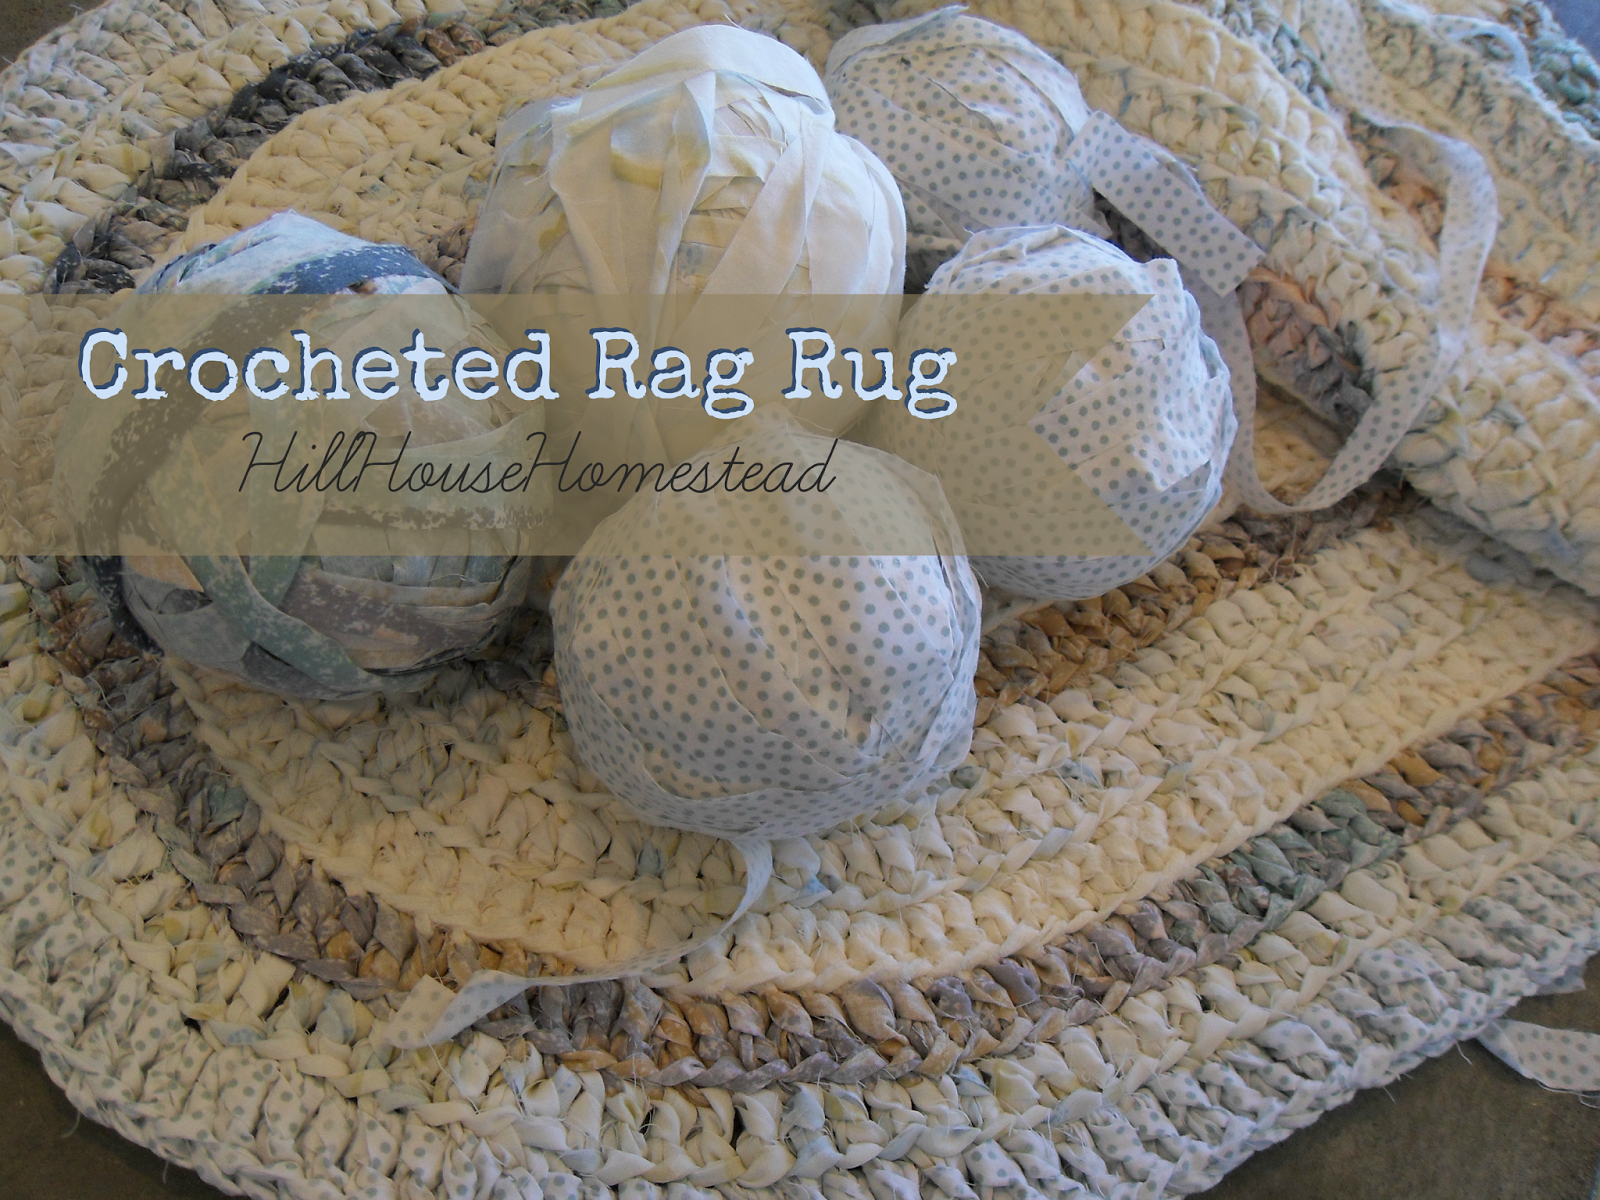 Hill House Homestead Crocheted Rag Rug